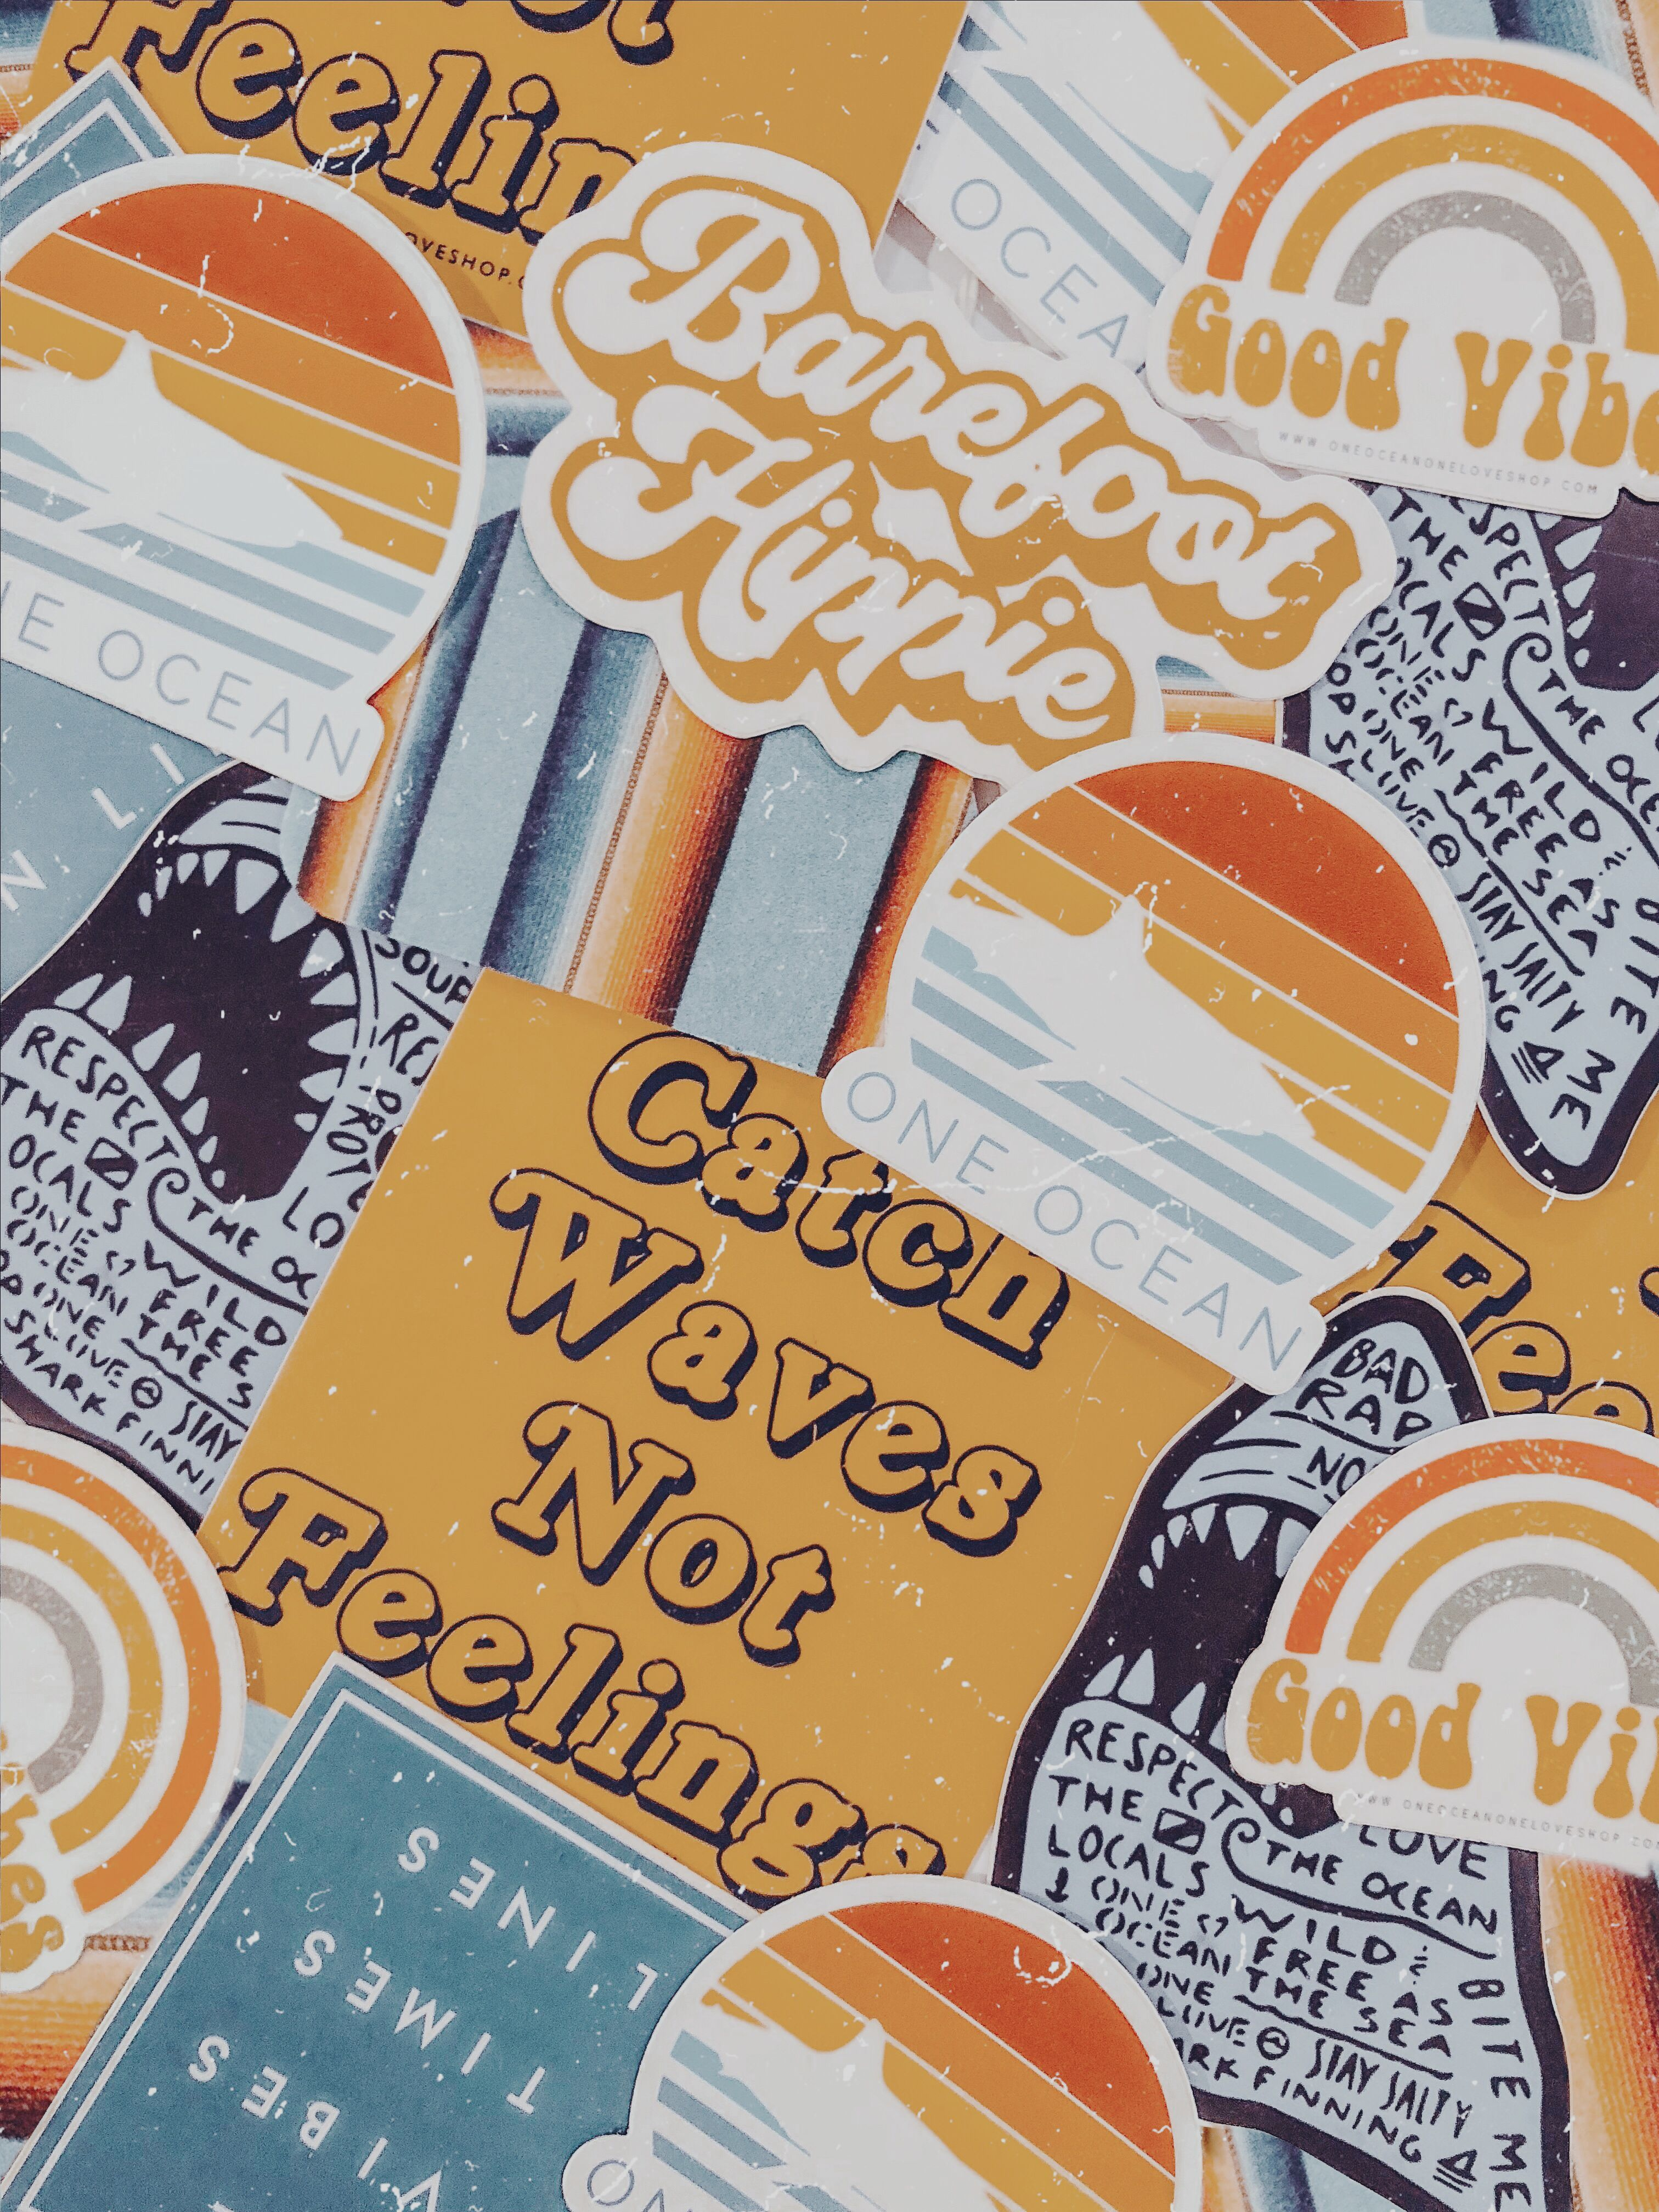 Surf Stickers Retro Vintage In 2020 Surf Stickers Hippie Sticker Line Sticker